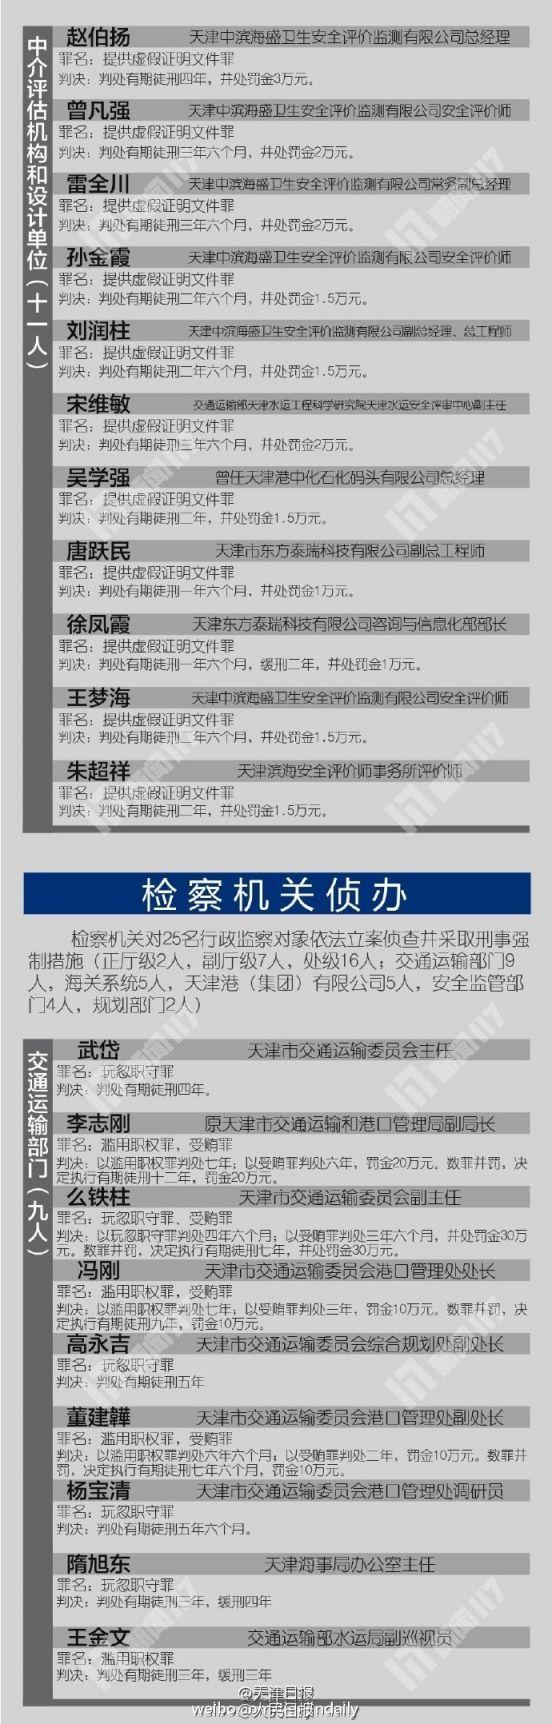 8.12天津港爆炸事故一审宣判 49名责任人获刑名单